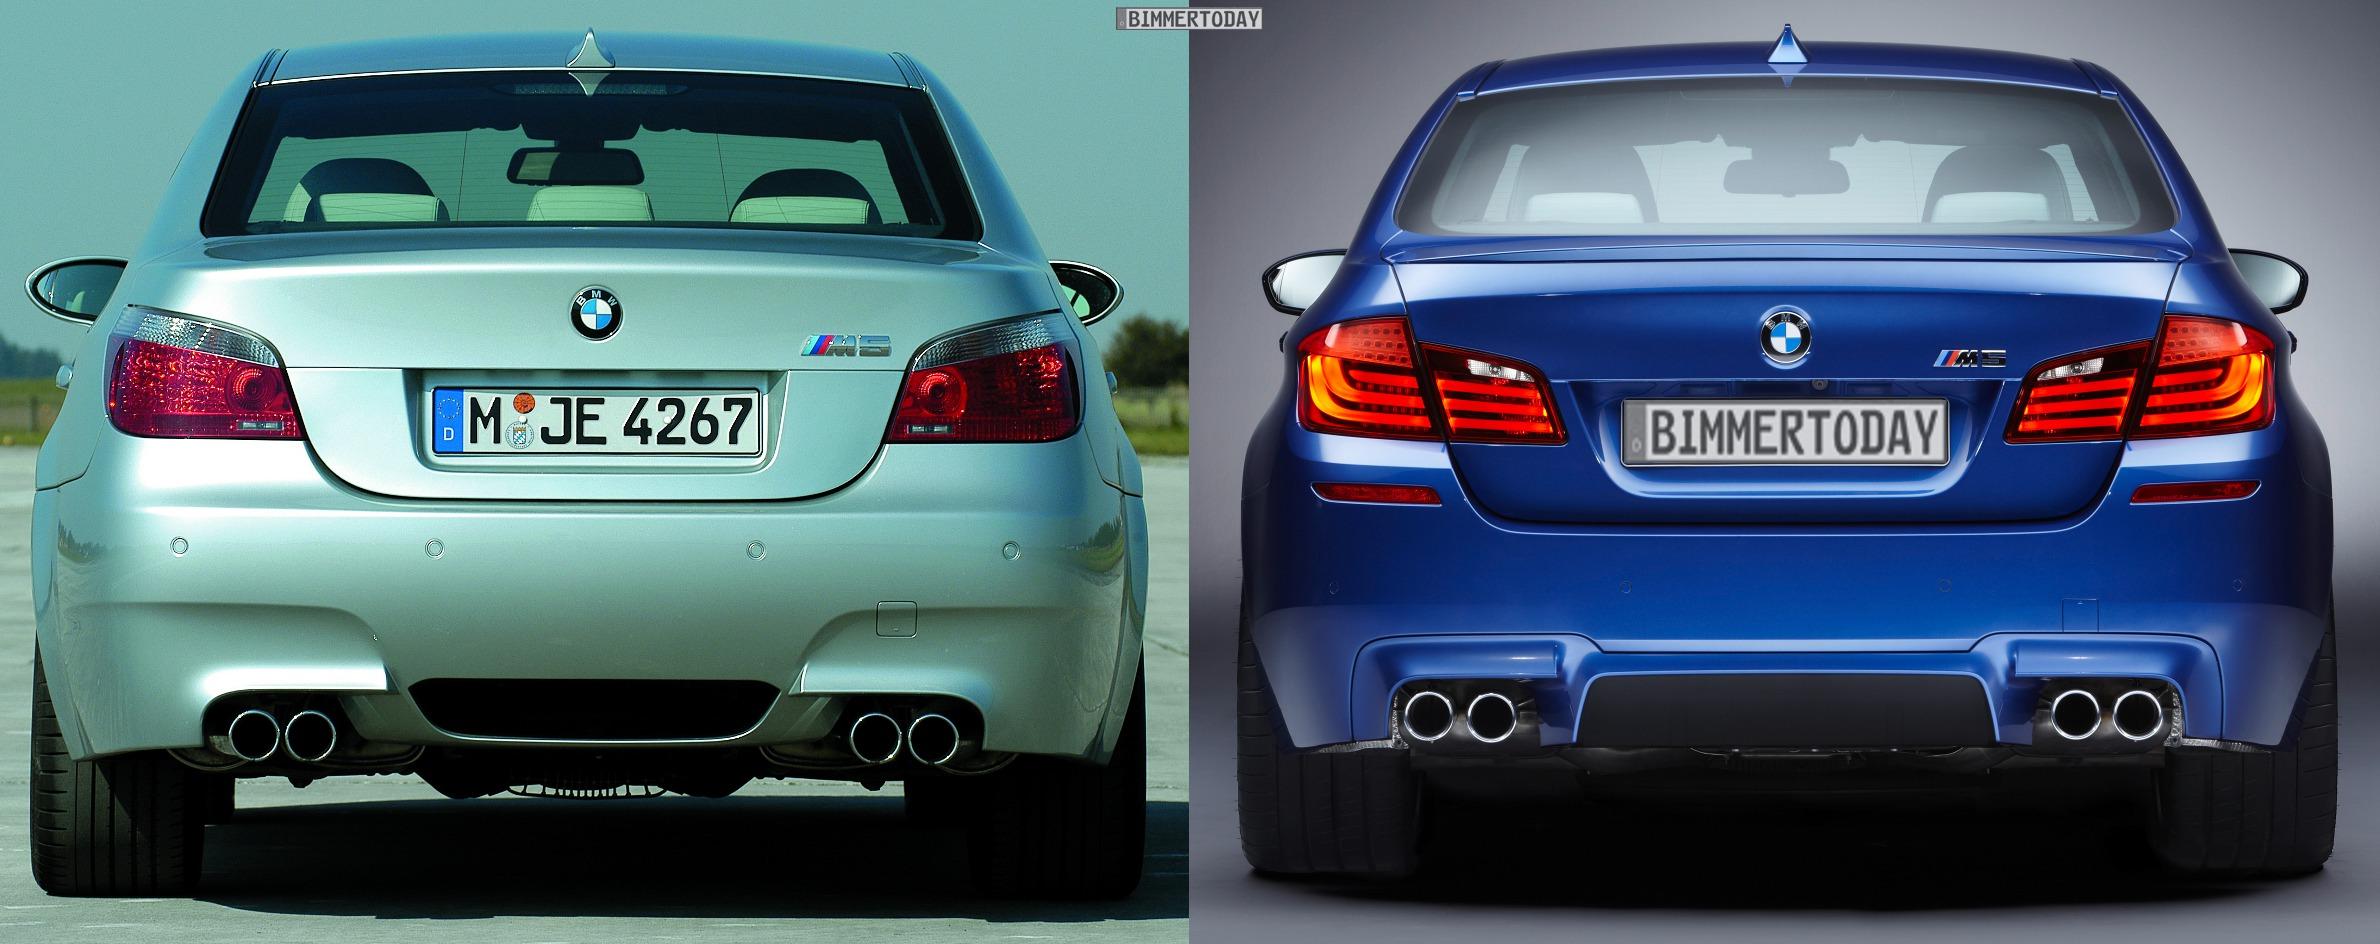 Photo Comparison 2012 Bmw M5 Vs E60 M5